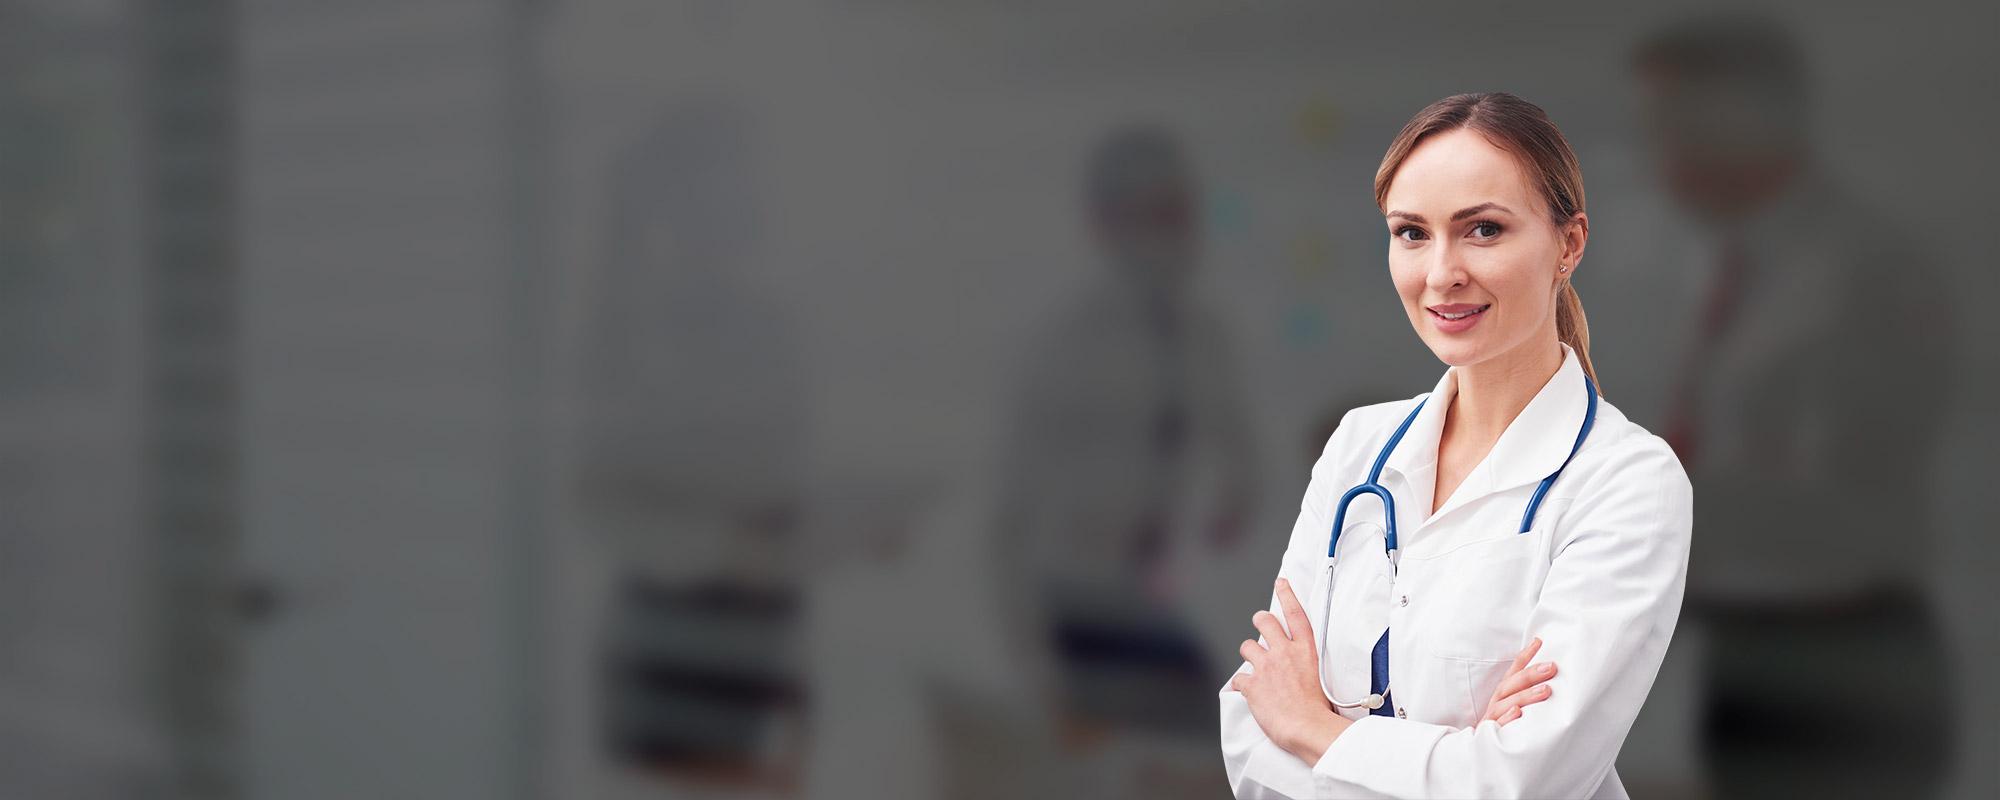 Medicina de <span>Empresa</span>